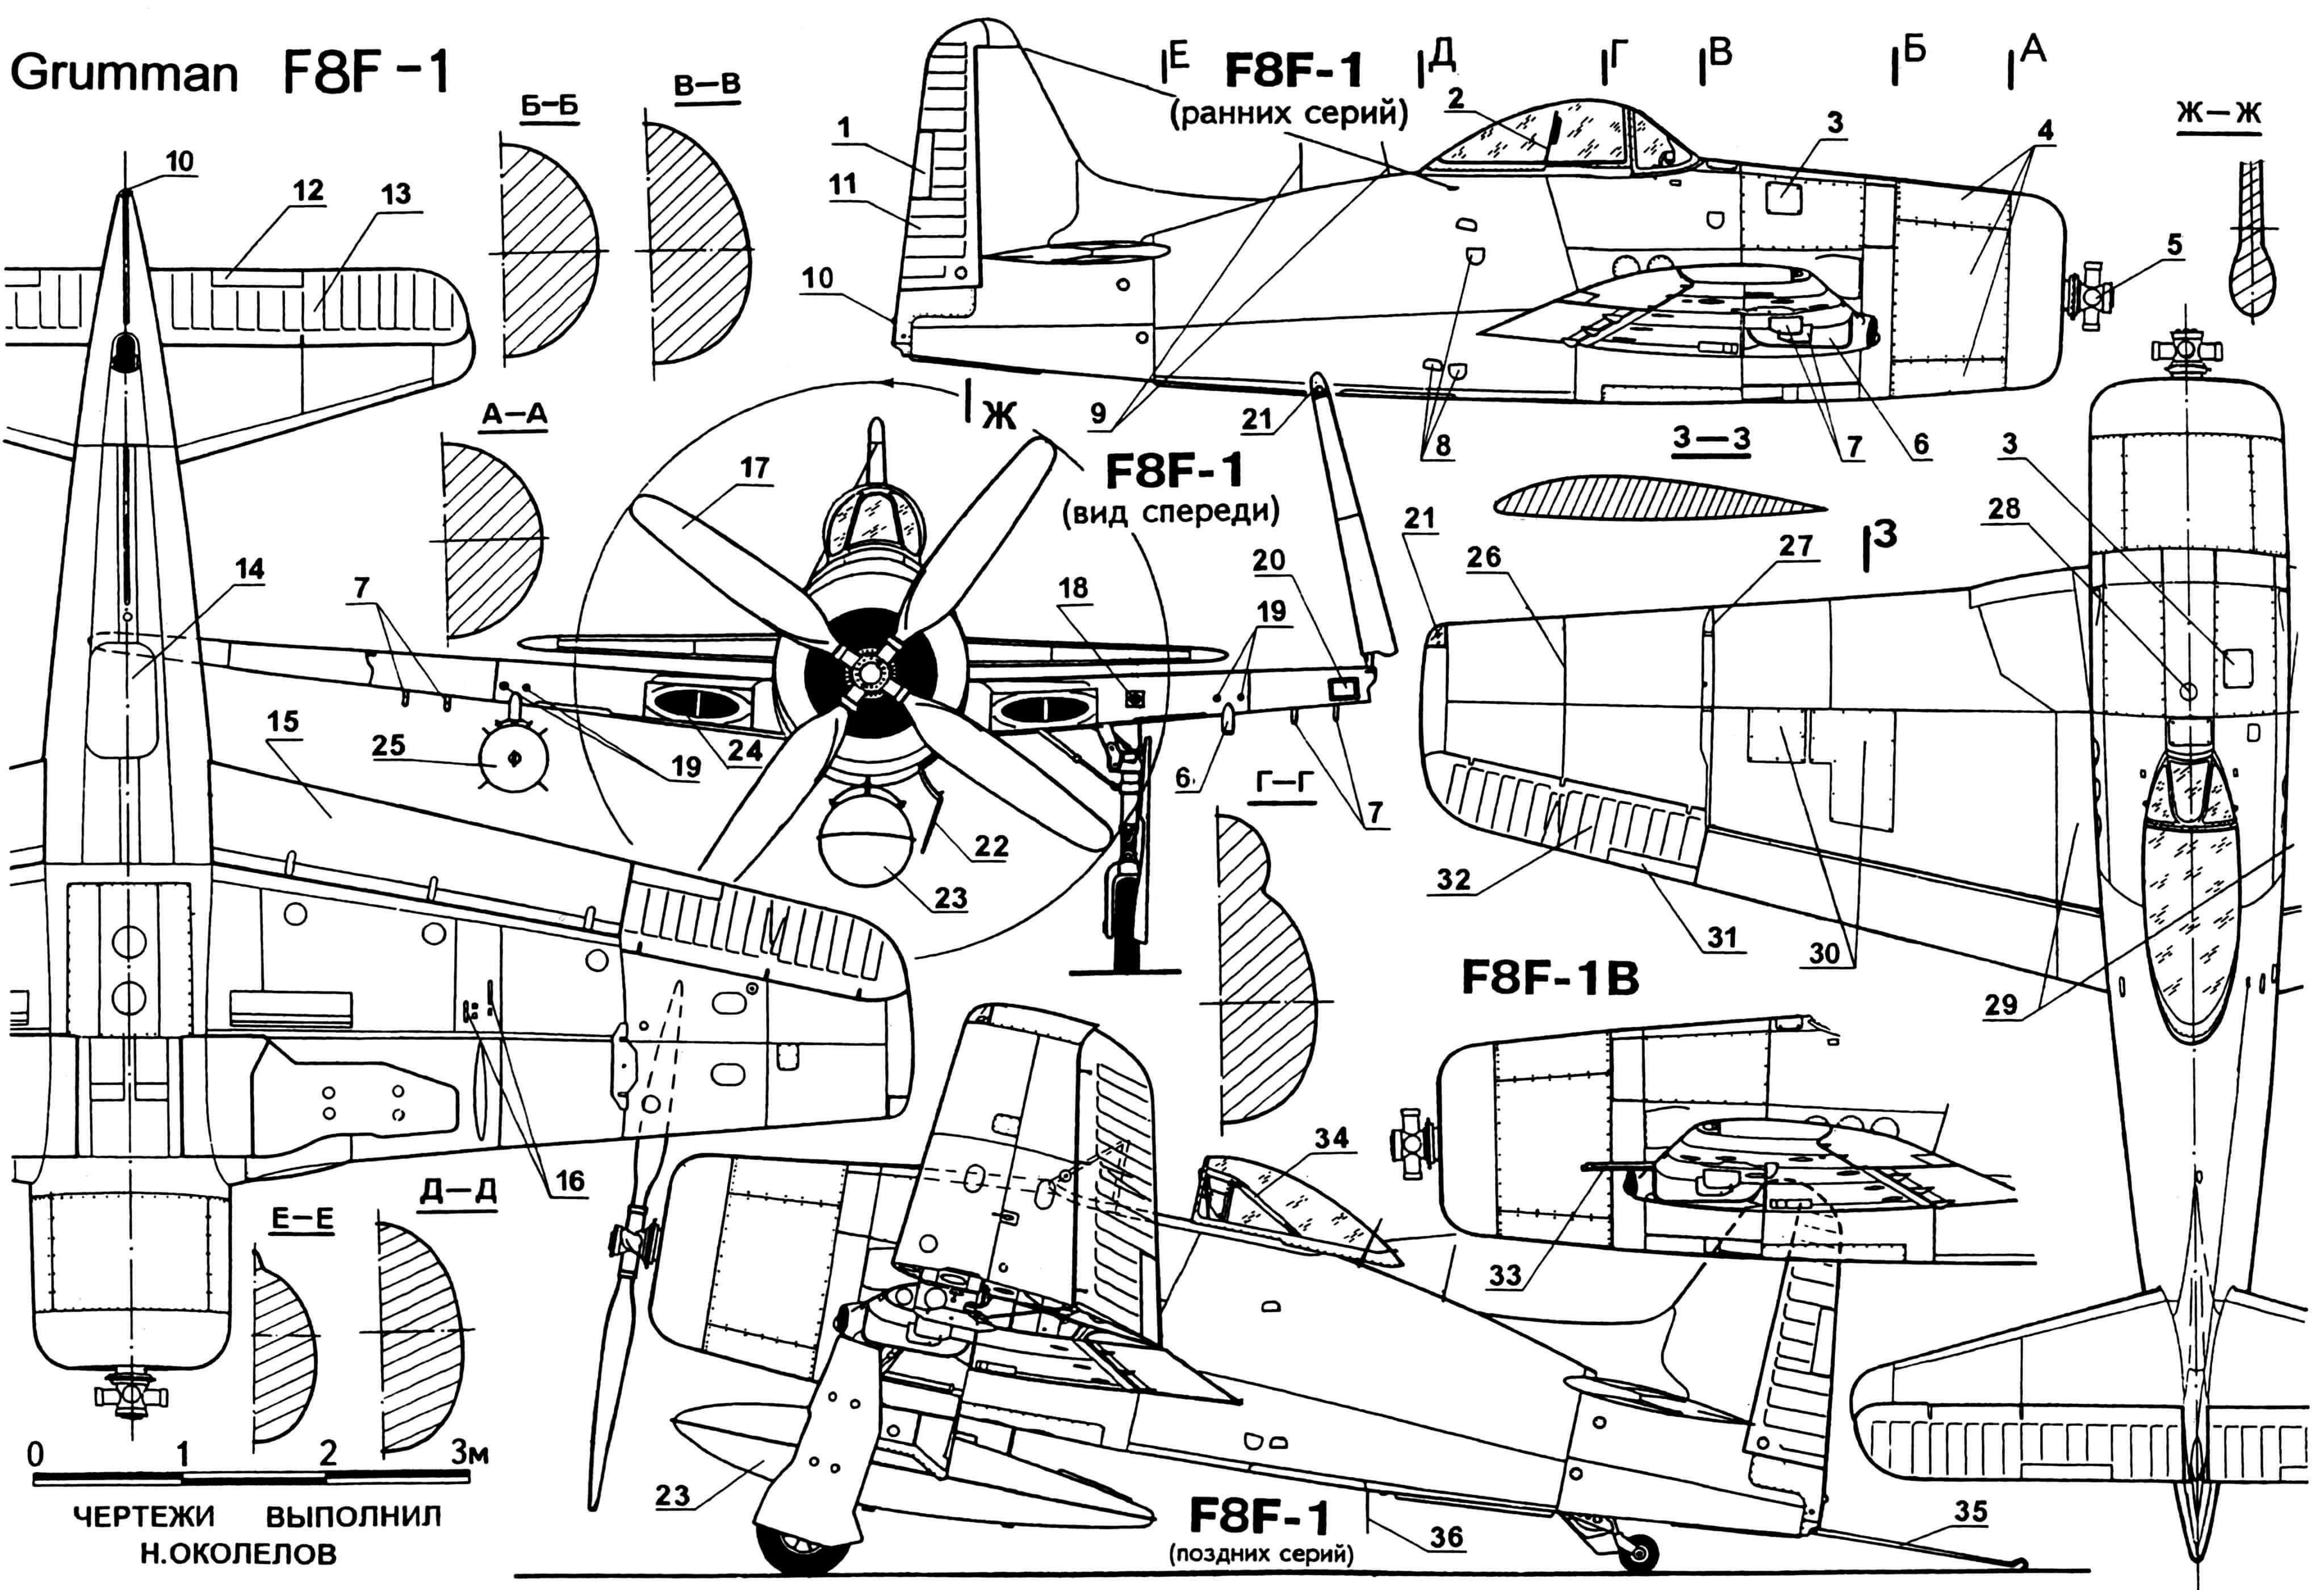 Истребитель F8F «Биркэт»: 1 — триммер руля поворота; 2 — бронеспинка кресла пилота; 3 — лючок заправки маслобака; 4 — капоты двигателя, съемные; 5 — втулка винта; 6 — пилон подкрыльевой, основной; 7 — пилоны подкрыльевые; 8 — подножки с пружинными крышками; 9 — антенны станции AN/ARC-1; 10 — огонь габаритный; 11 —руль поворота; 12 — триммер руля высоты; 13 — руль высоты; 14 — люк радиокомпаса, эксплуатационный; 15 — закрылок; 16 — гильзовыбрасыватели; 17 — винт изменяемого шага, четырехлопастный; 18 — фотопулемет; 19 — пулеметы М2; 20 — фара посадочная; 21 — огонь крыльевой, навигационный; 22 — створка ниши колеса основной стойки шасси; 23 — бак подвесной топливный на 568 л; 24 — воздухозаборник воздушного нагнетателя; 25 — бомба калибра 454 кг; 26 — граница отстрела законцовки; 27 — линия складывания крыла; 28 — лючок заливной горловины фюзеляжного топливного бака; 29 — панели обшивки крыла, усиленные; 30 — лючки пулеметного отсека; 31 — триммер элерона; 32 — элерон; 33 — пушки М3; 34 — рама противокапотажная; 35 — крюк тормозной; 36 — антенна станции AN/APX-1.